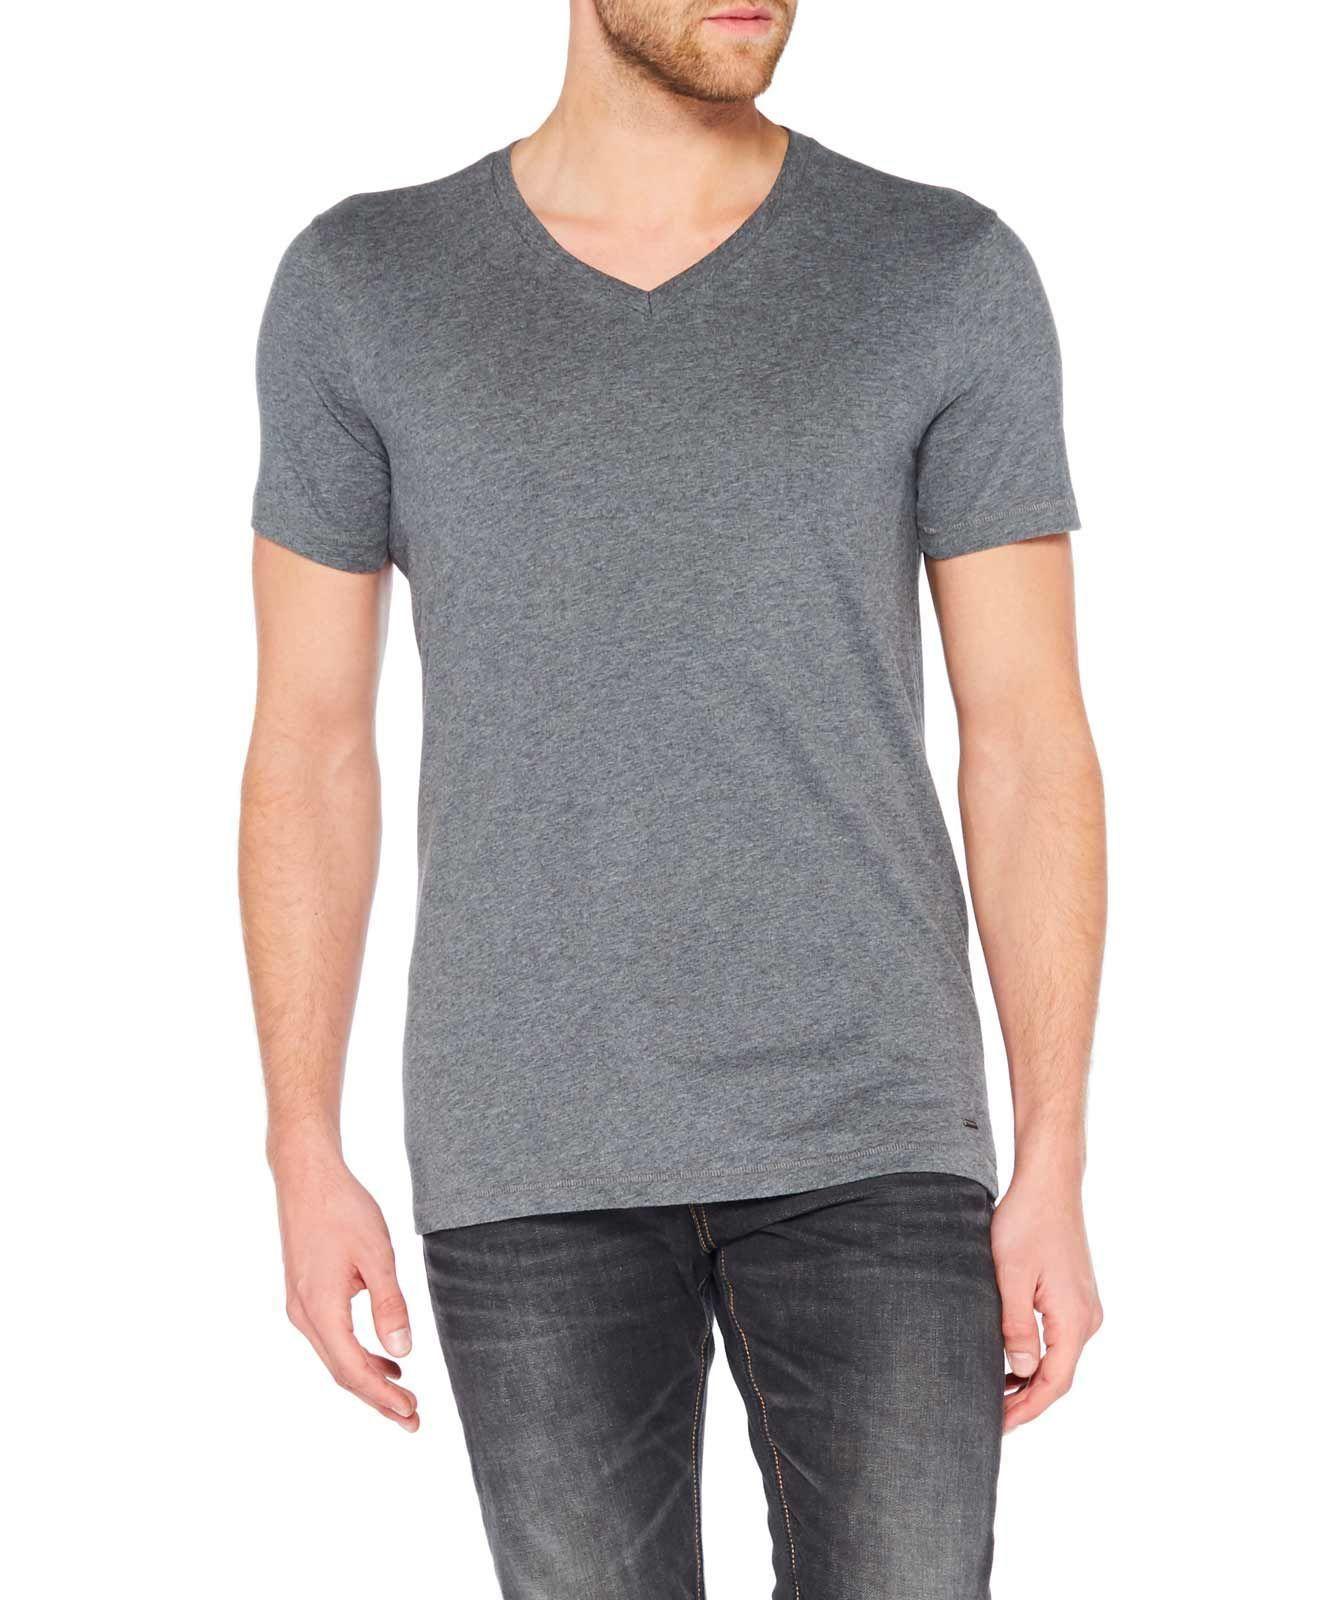 Colorado Joaquim V Neck T Shirt Dark Grey Mel em 2020